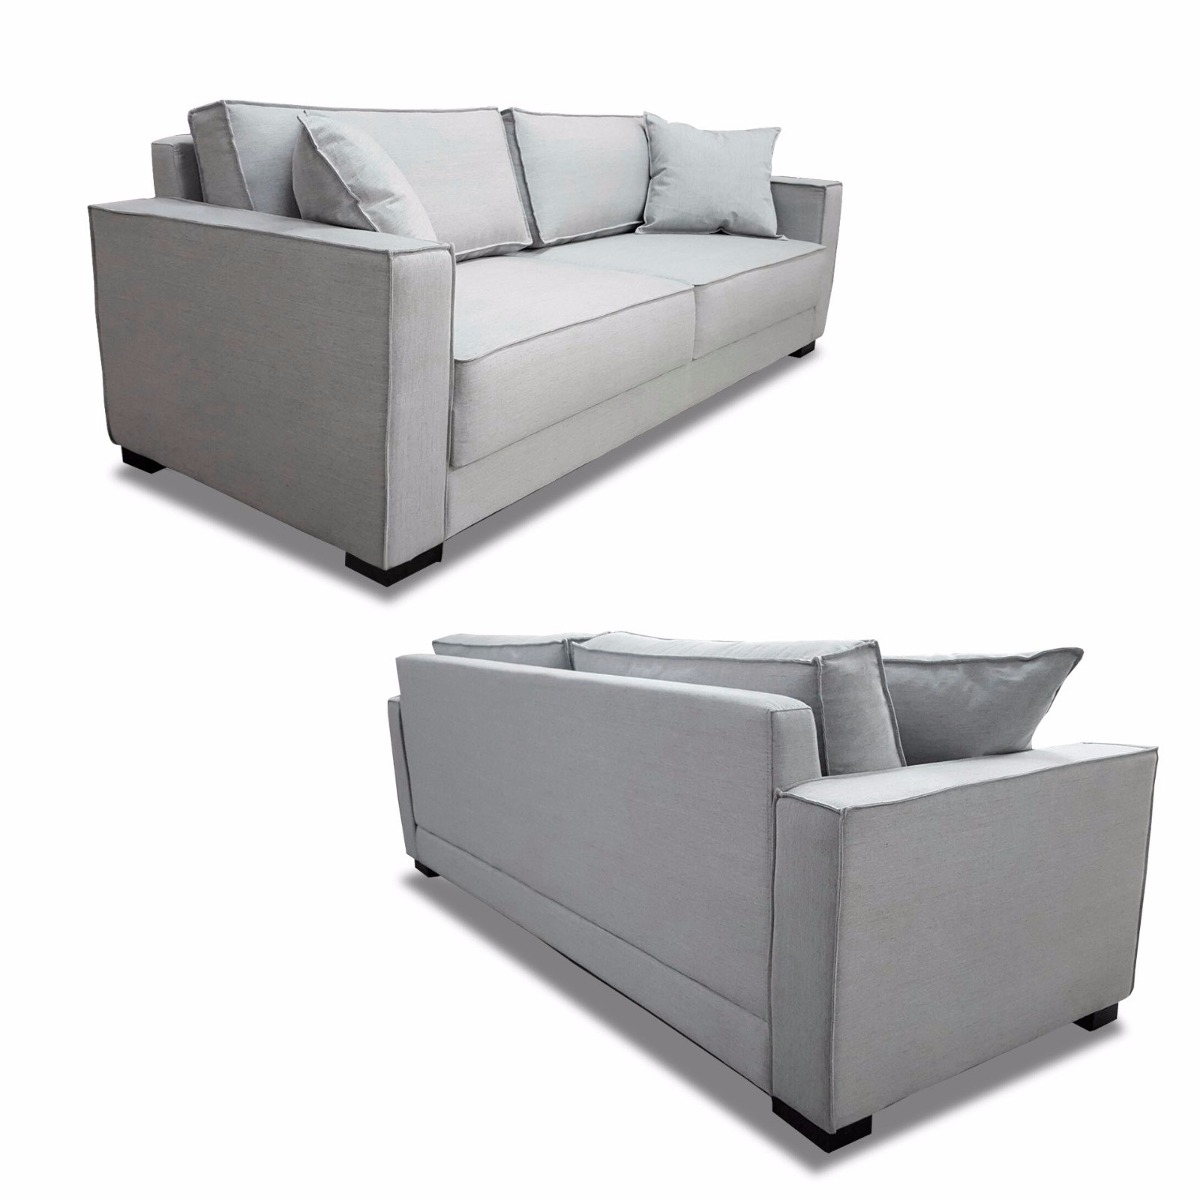 Sofa 3 Lugares 2.20m - Modelo Small - (tecido Linho) - R ...